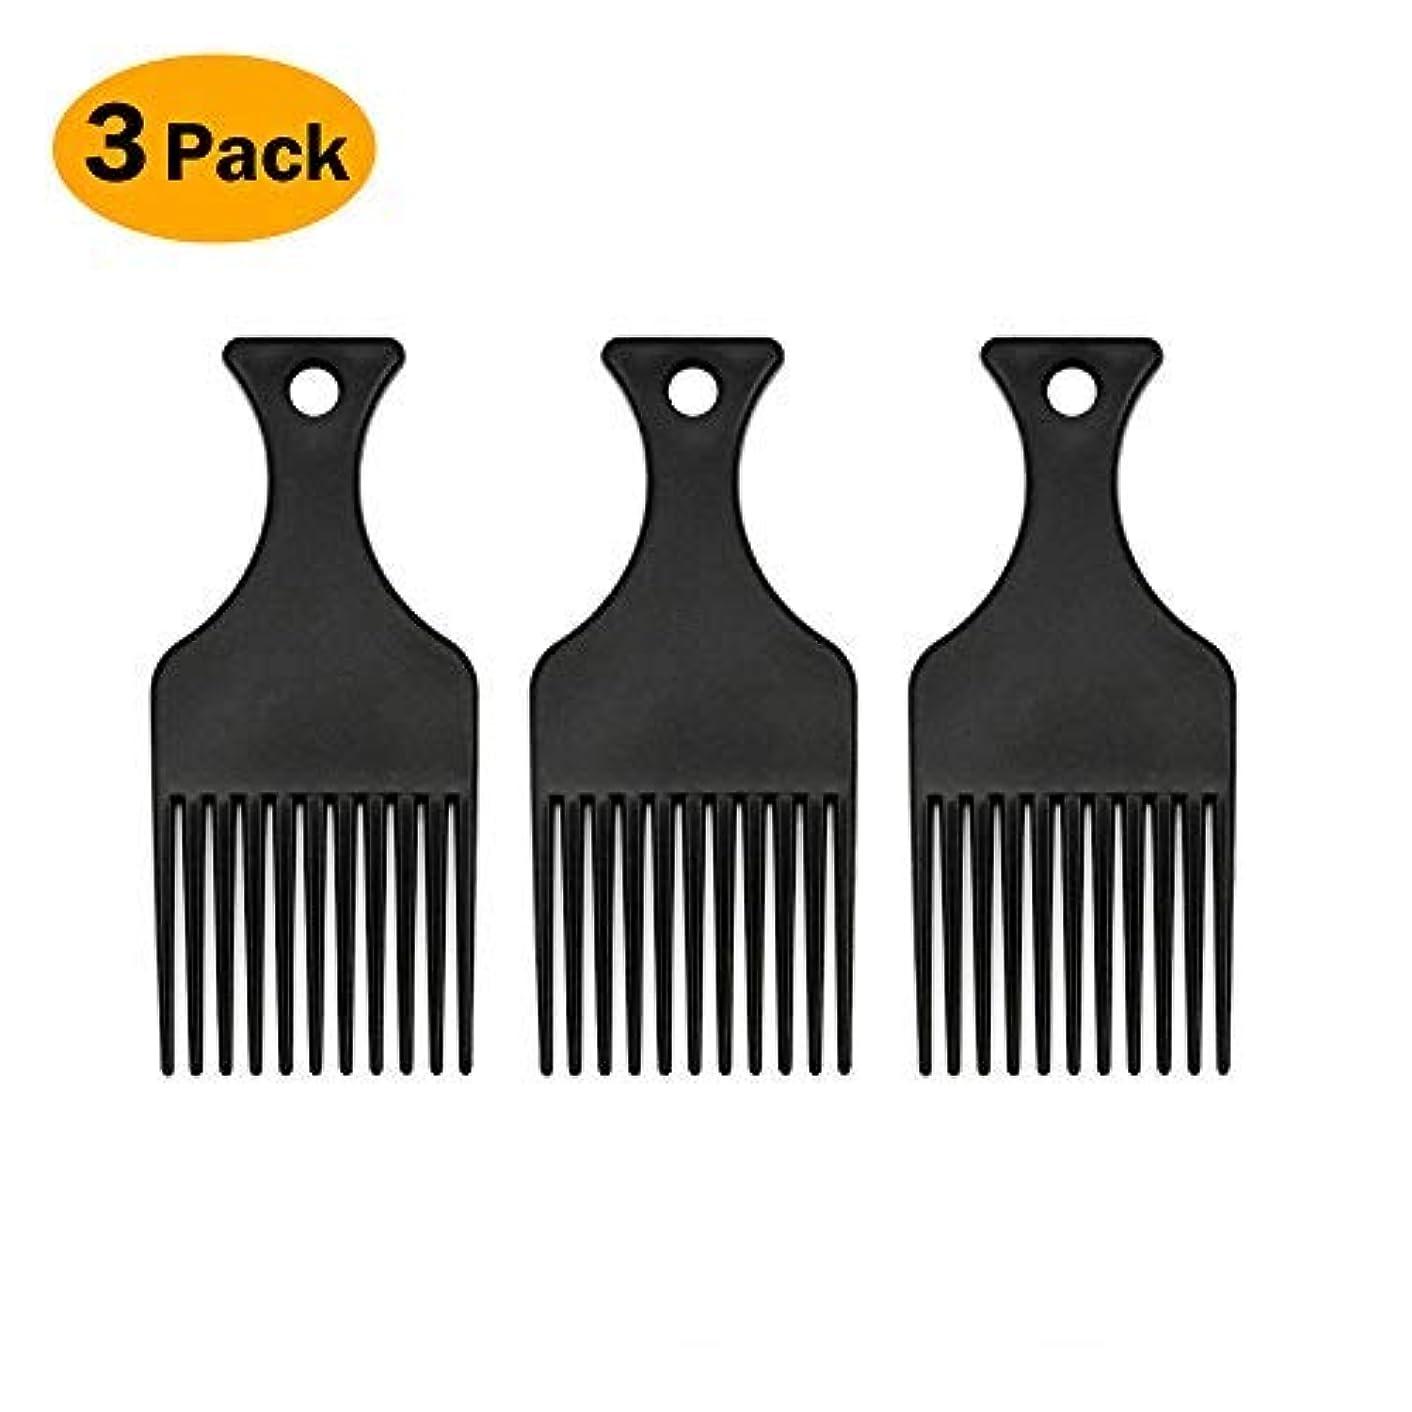 動機付ける橋シネウィBewave Plastic Afro Pik Lift Hair Comb Detangle Wig Braid Black Man Styling Tool (3Pcs) (Small) [並行輸入品]